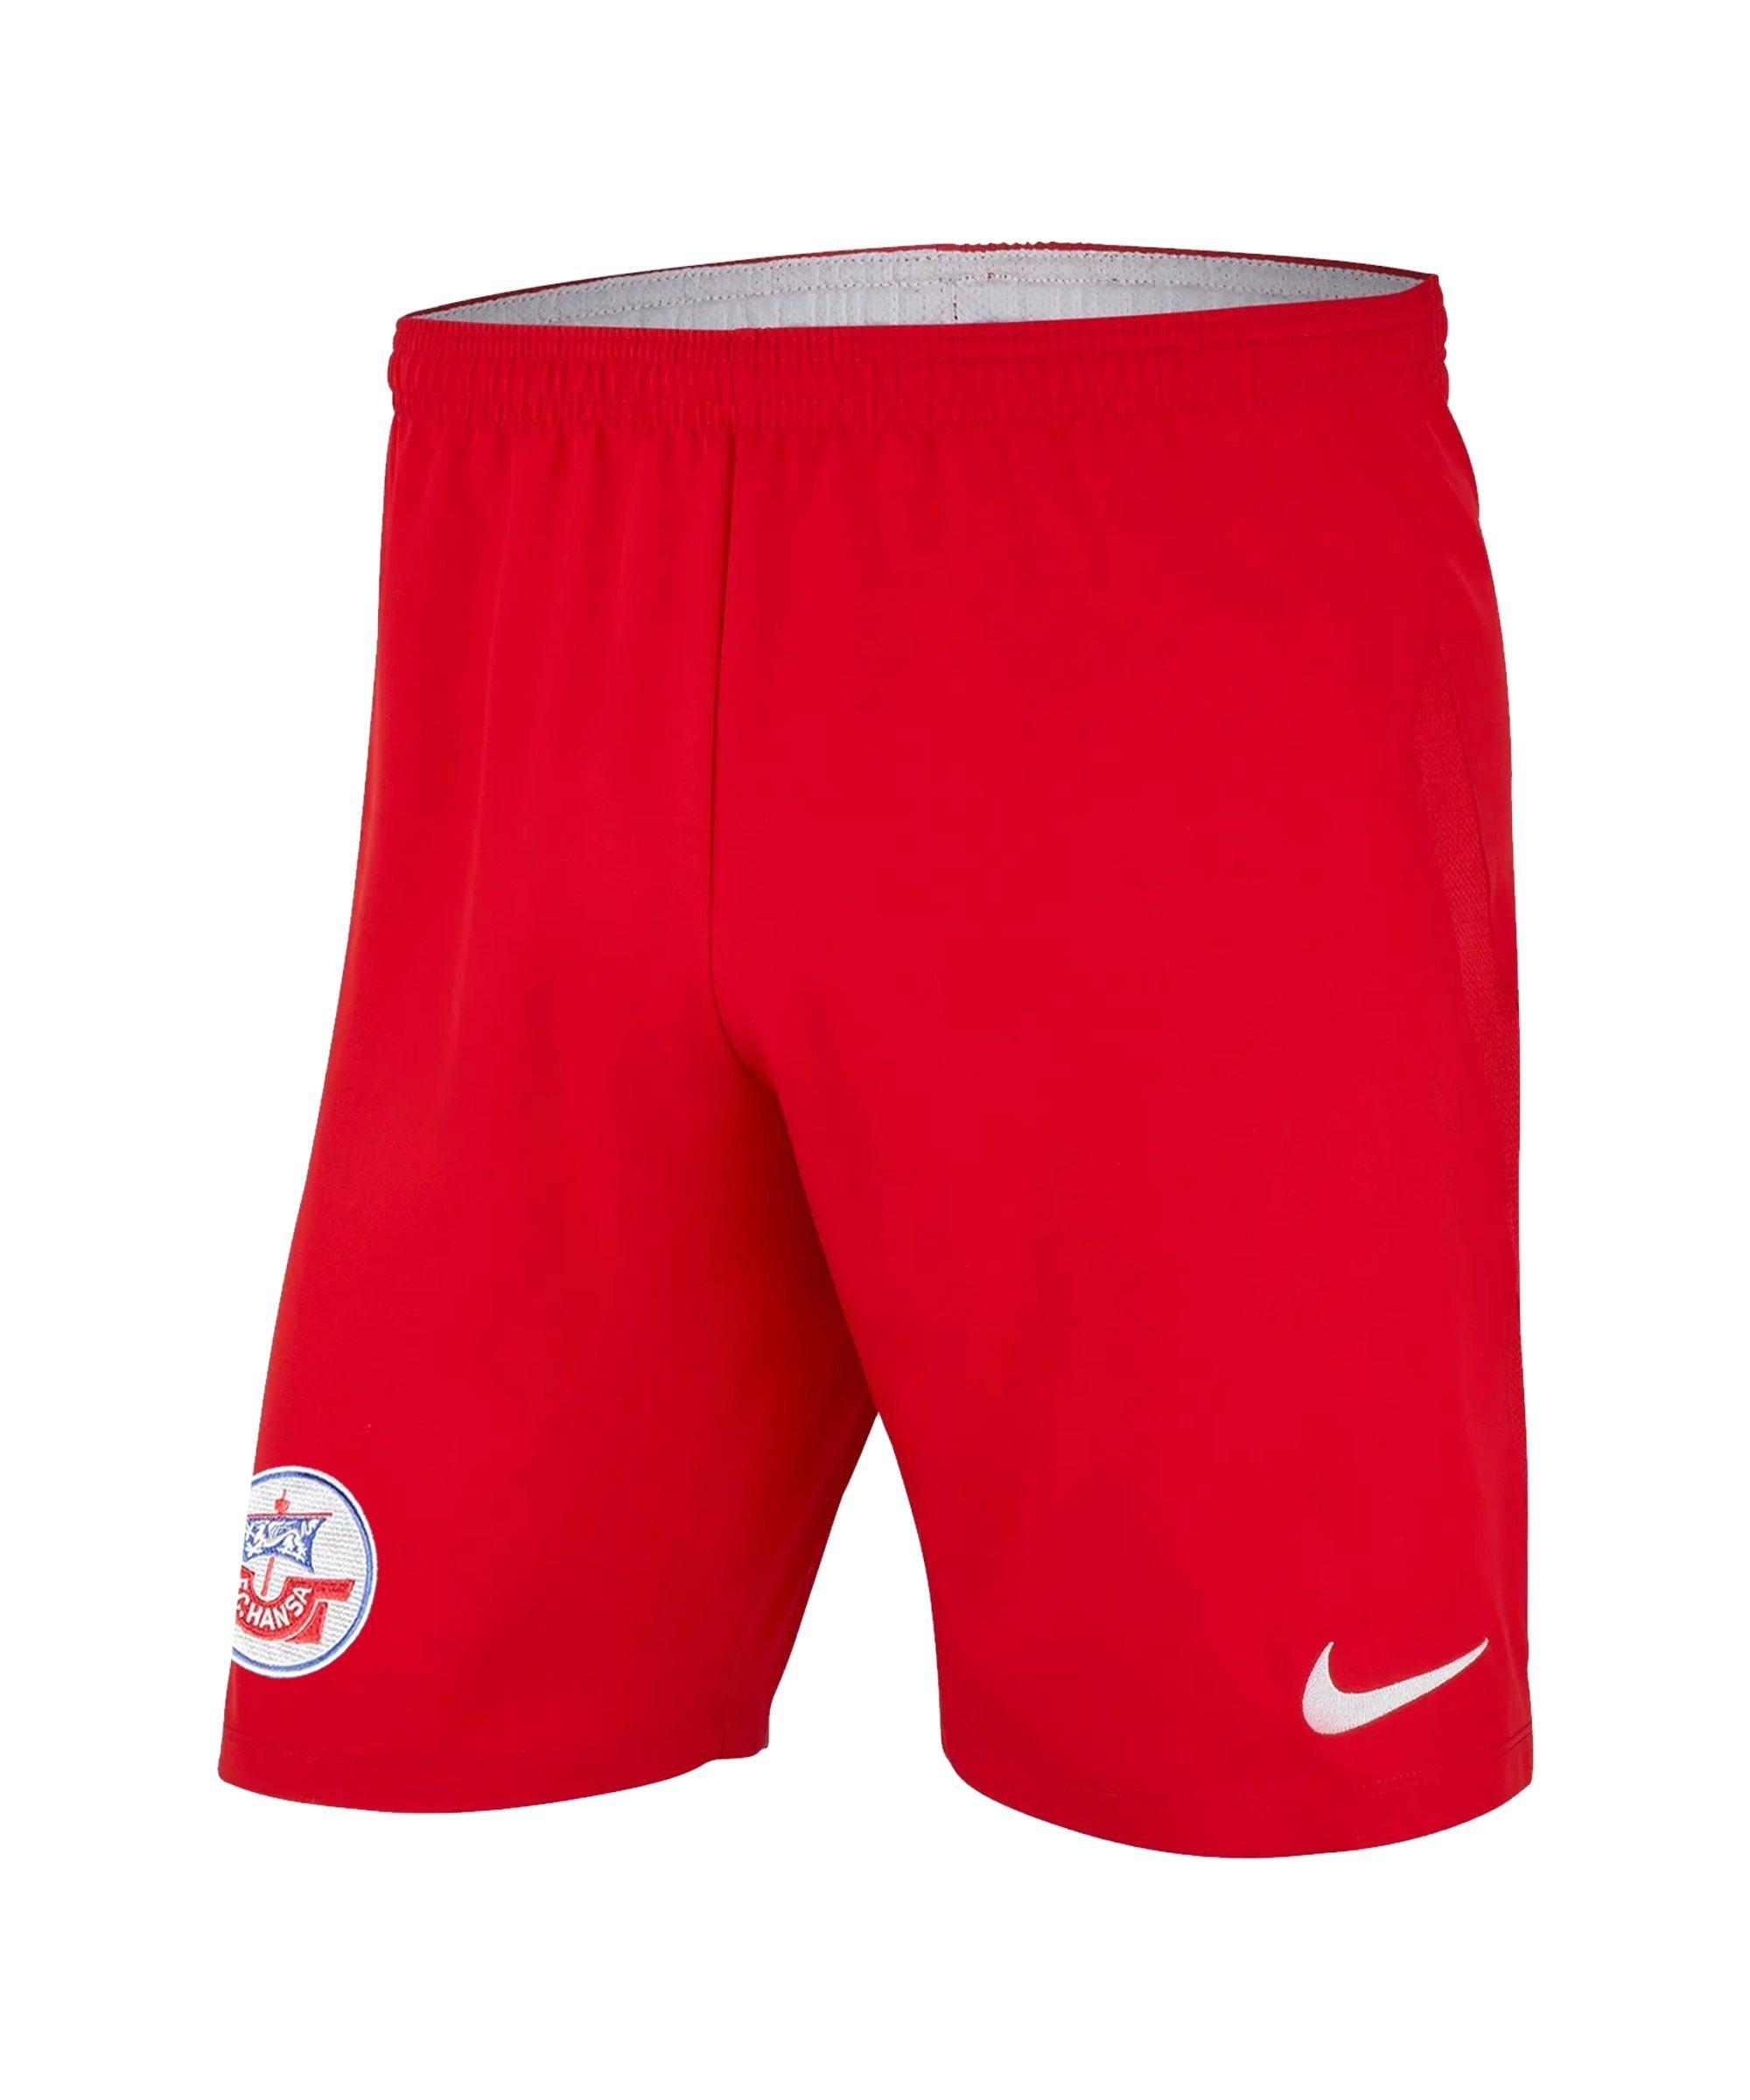 Nike Hansa Rostock Short 3rd 2021/2022 Kids Rot F657 - rot